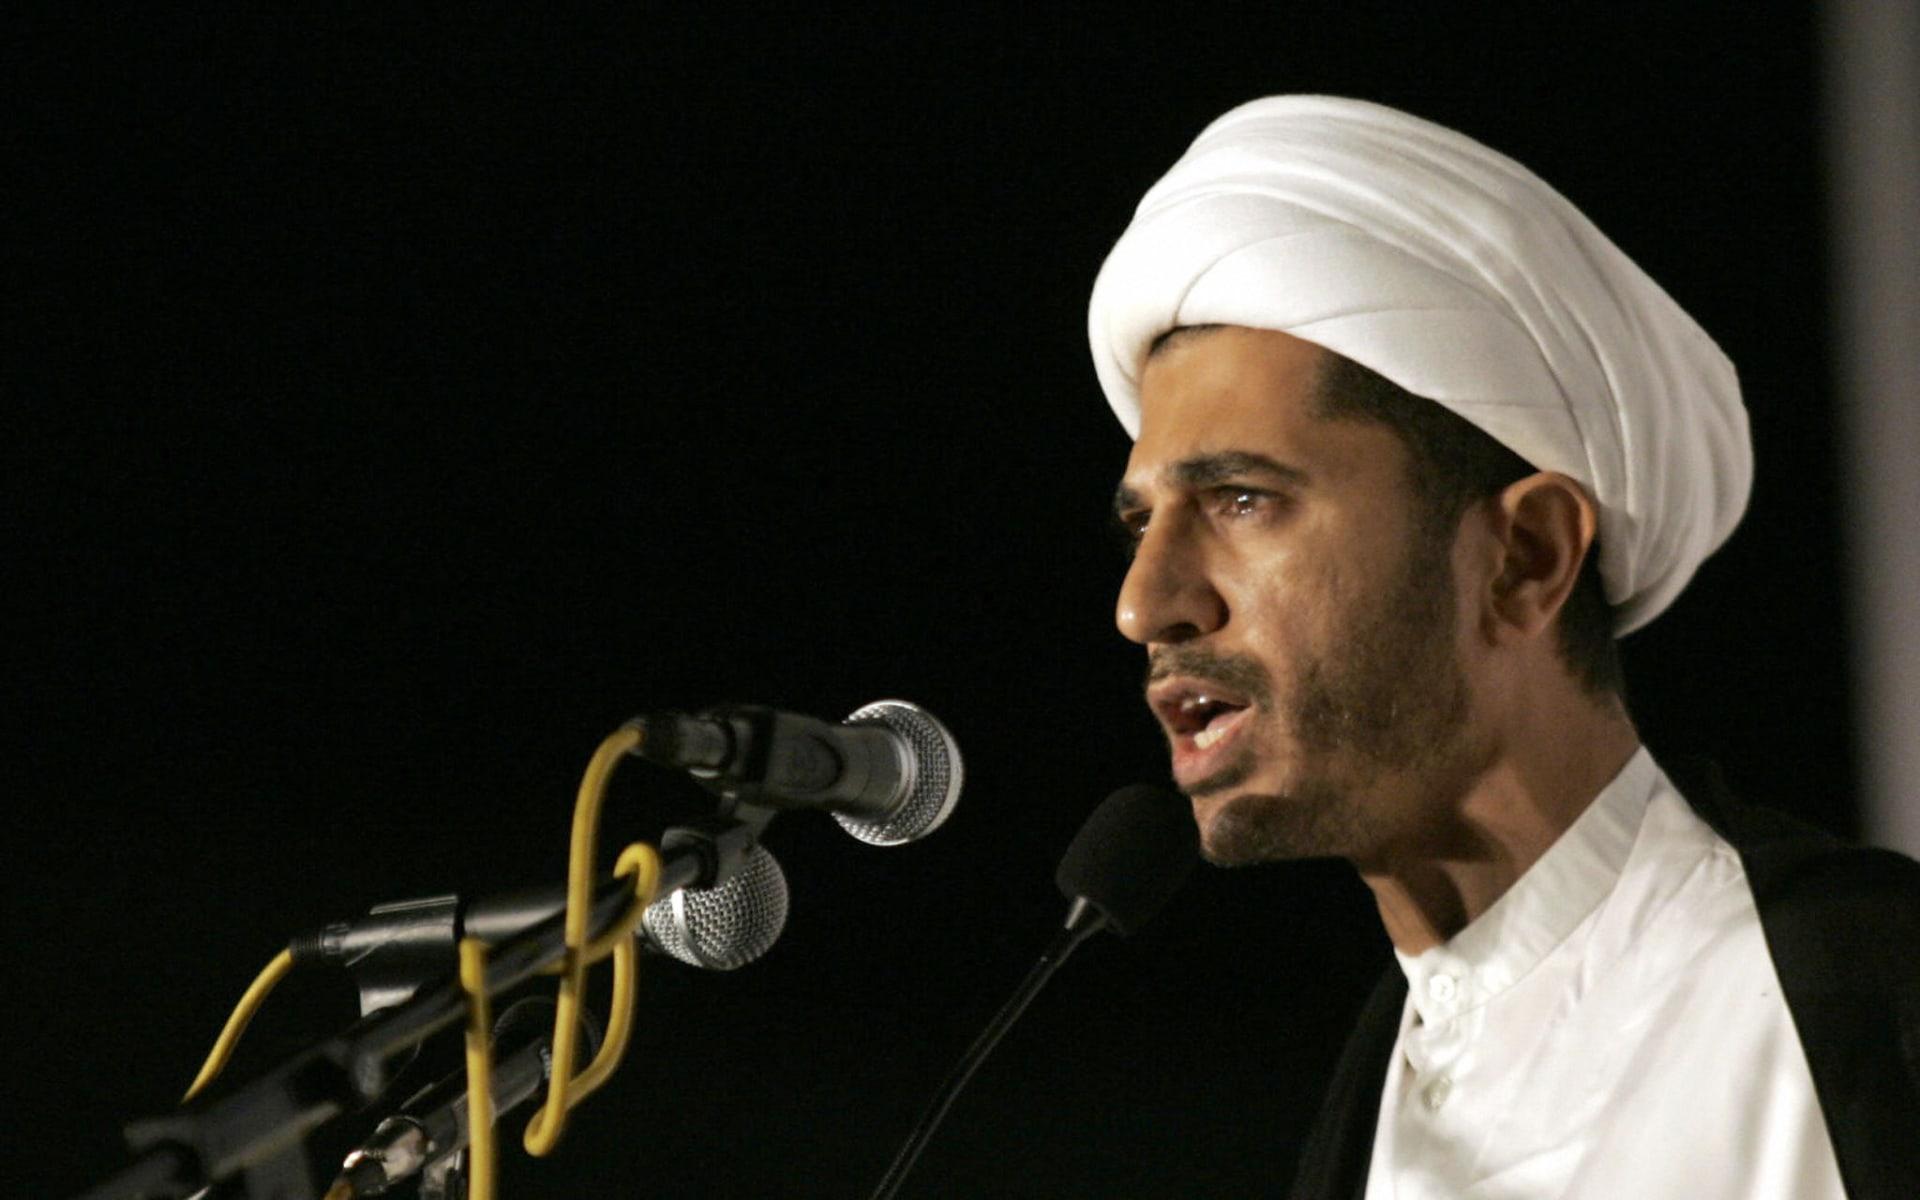 أمريكا ترحب بحكم براءة علي سلمان بالبحرين: نحث على عدم الاستئناف